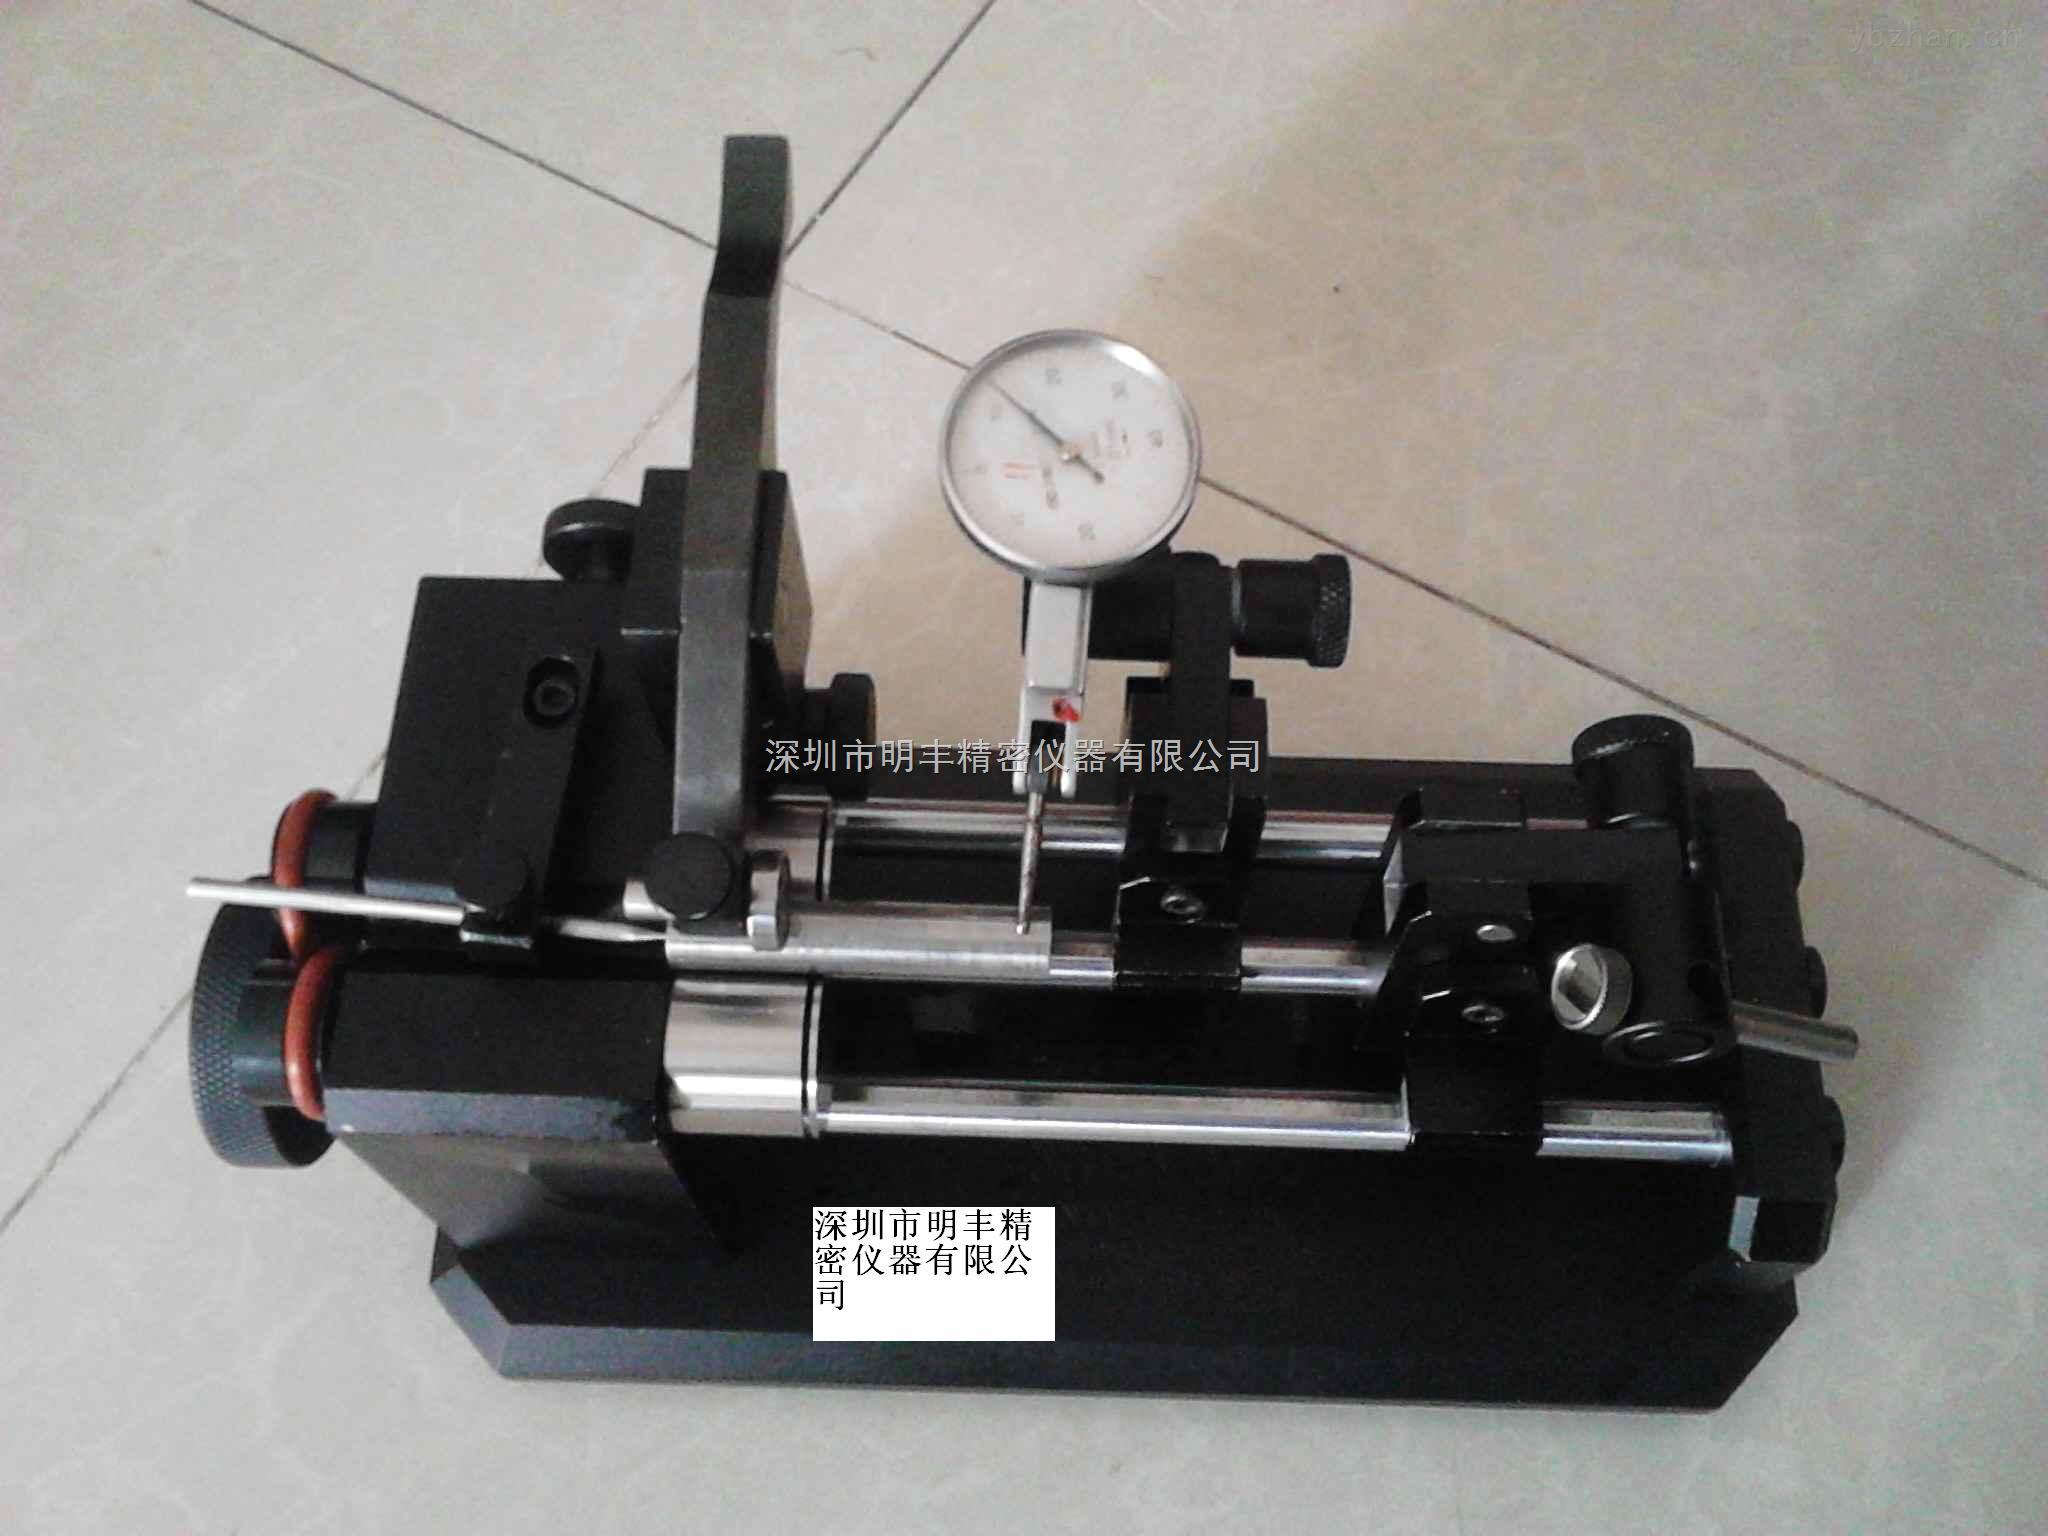 沙井同心度测量仪,沙井同轴度测试仪,同心度仪